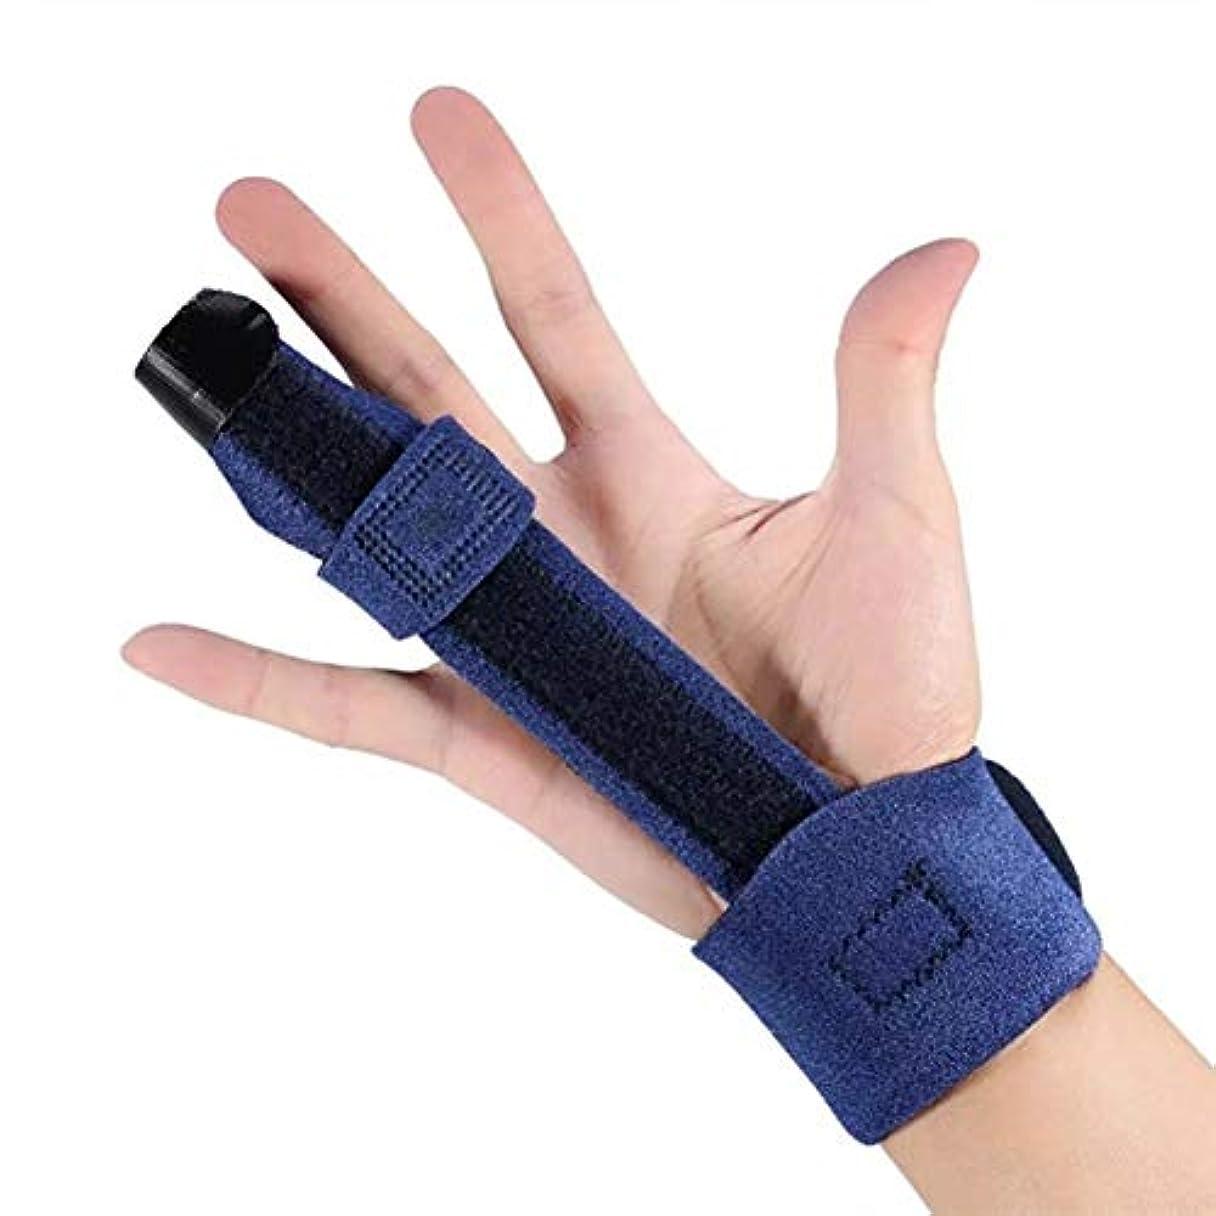 フラグラント制約三フィンガースプリントフィンガーボードフィンガーセパレーター,指ナックル固定化、指の骨折のための指スプリント、リバーシブル親指スタビライザー、救済レンチ、関節炎の痛み、